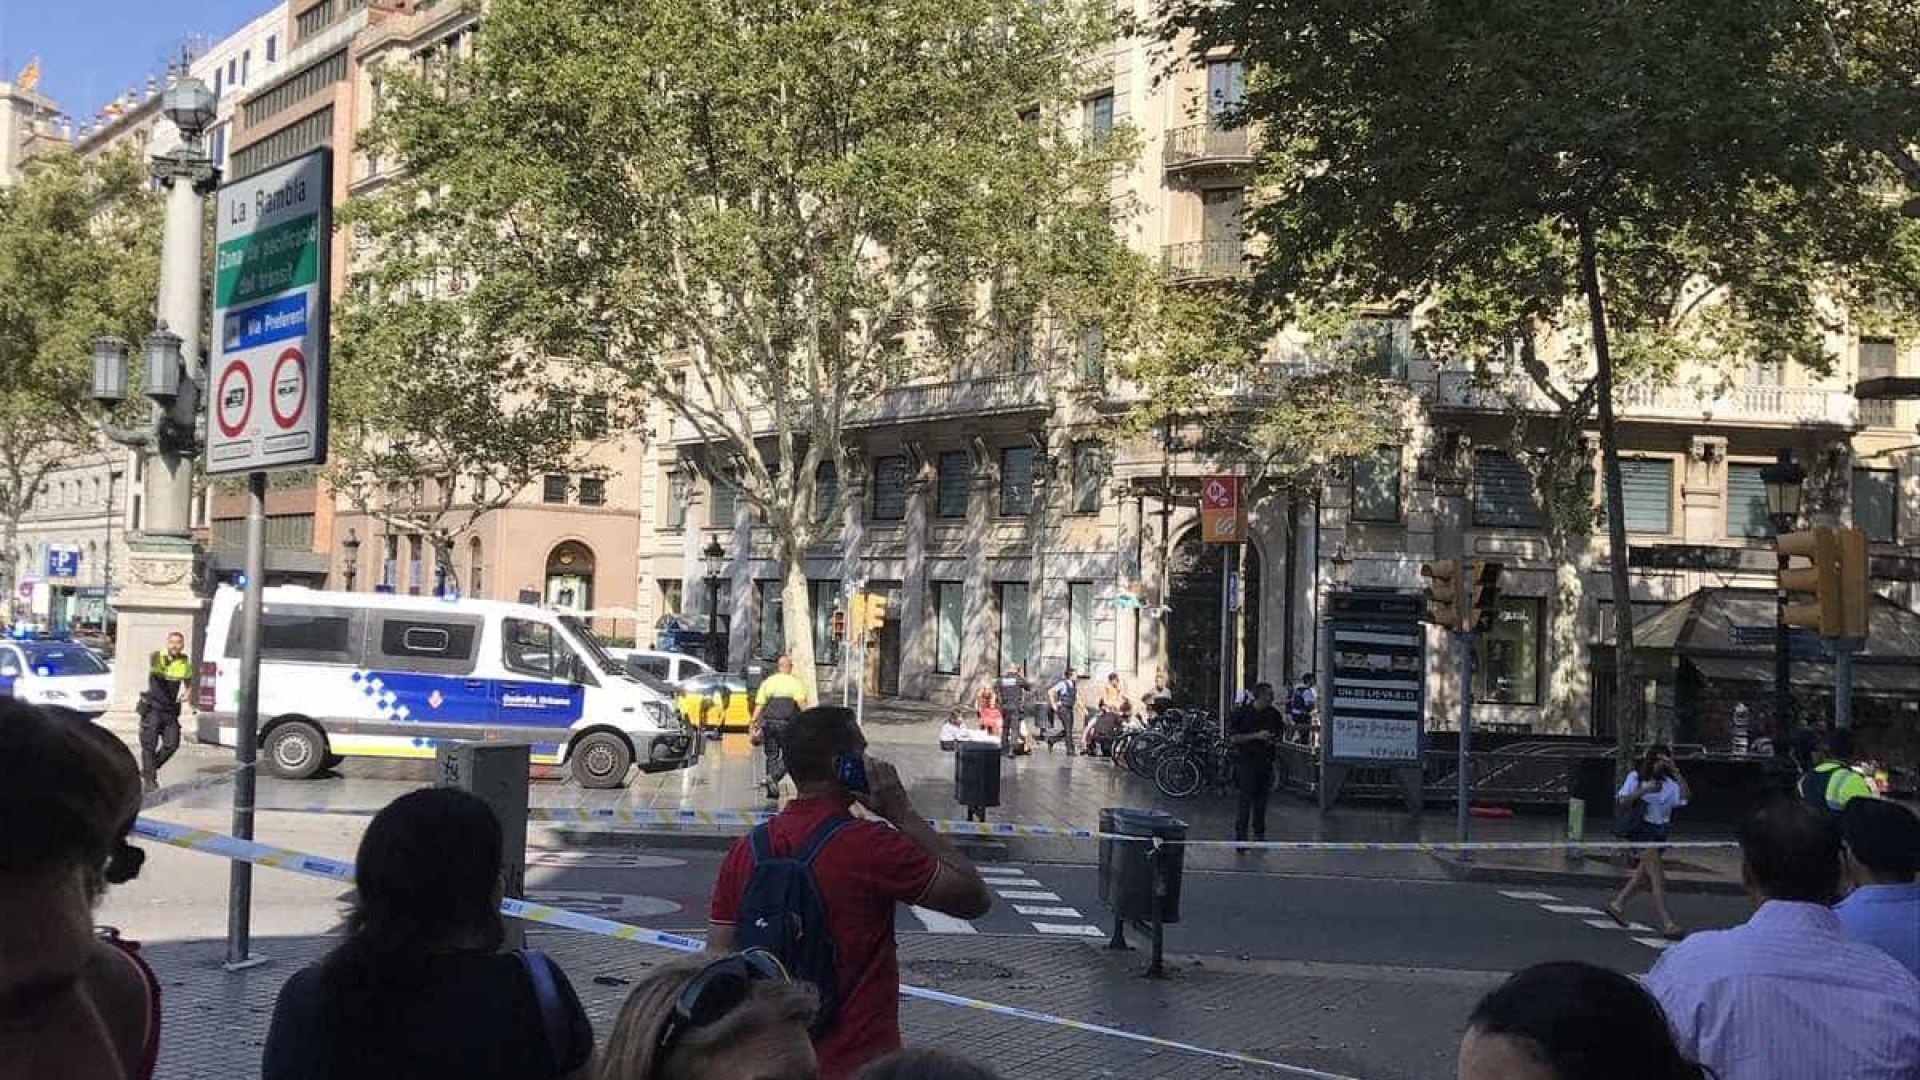 Polícia prende 4º suspeito de ligação com ataques na Espanha